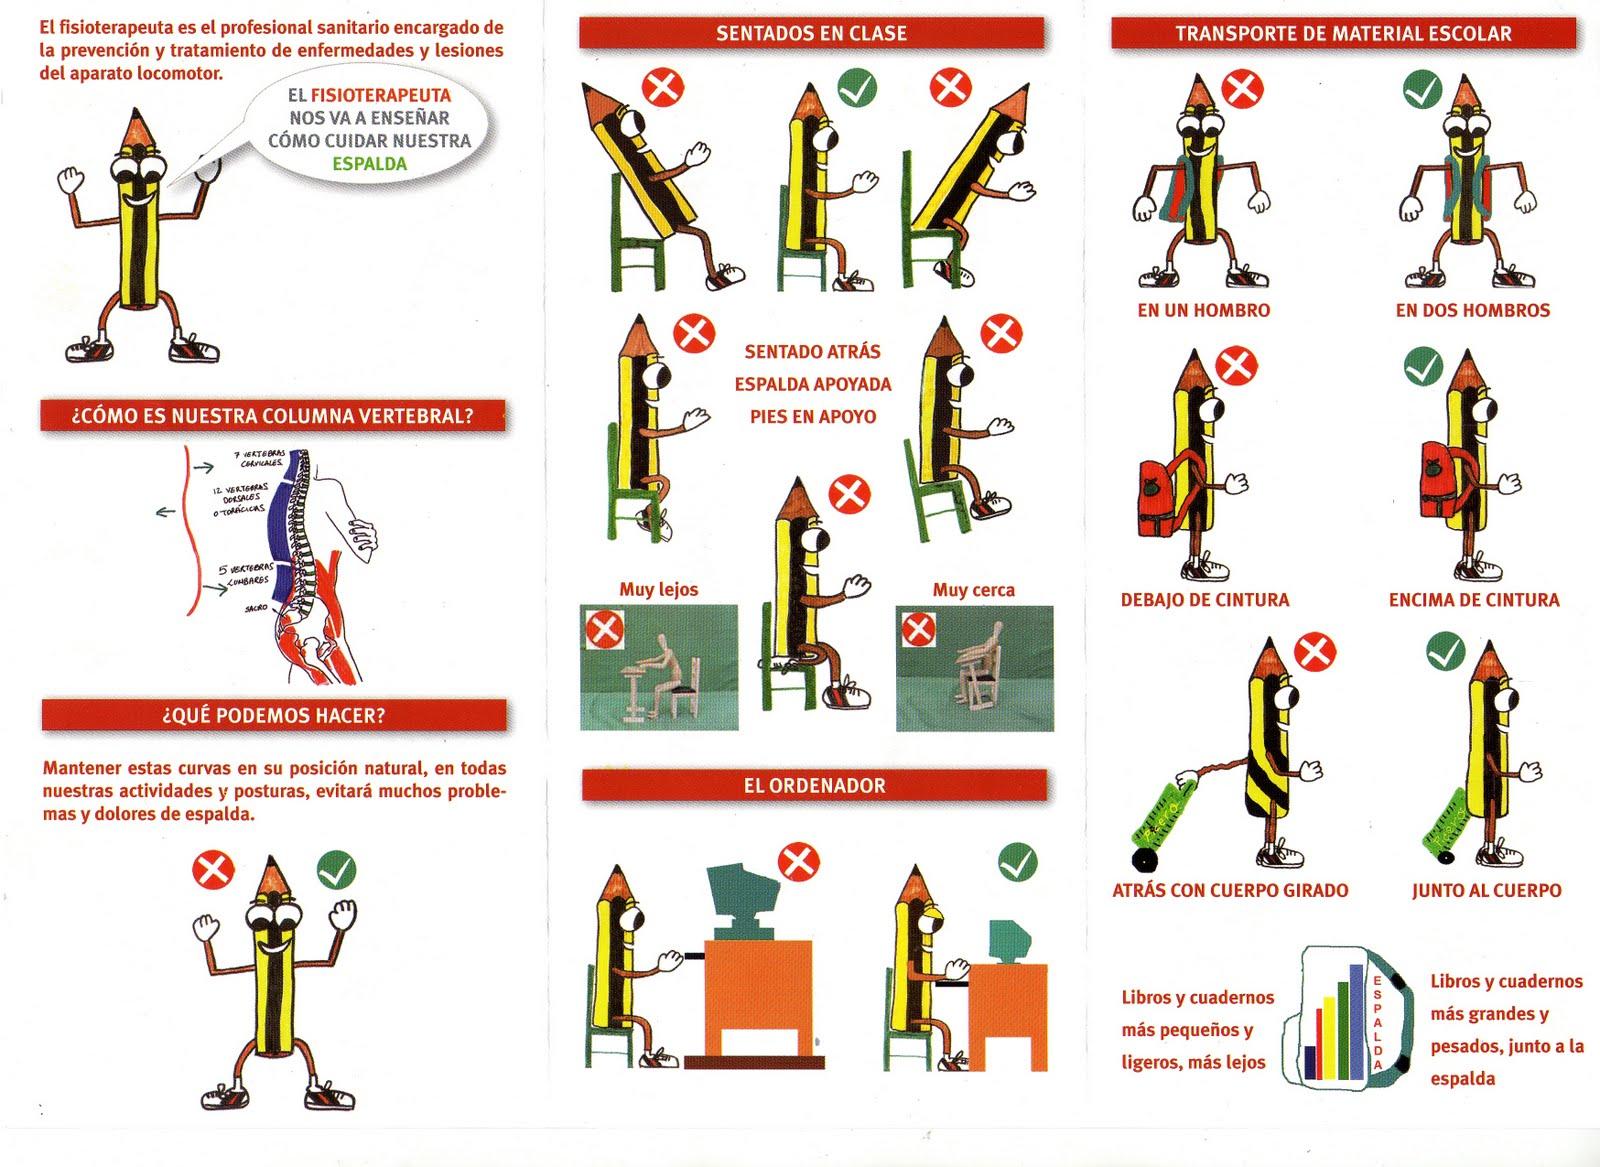 higiene postural lumbar: